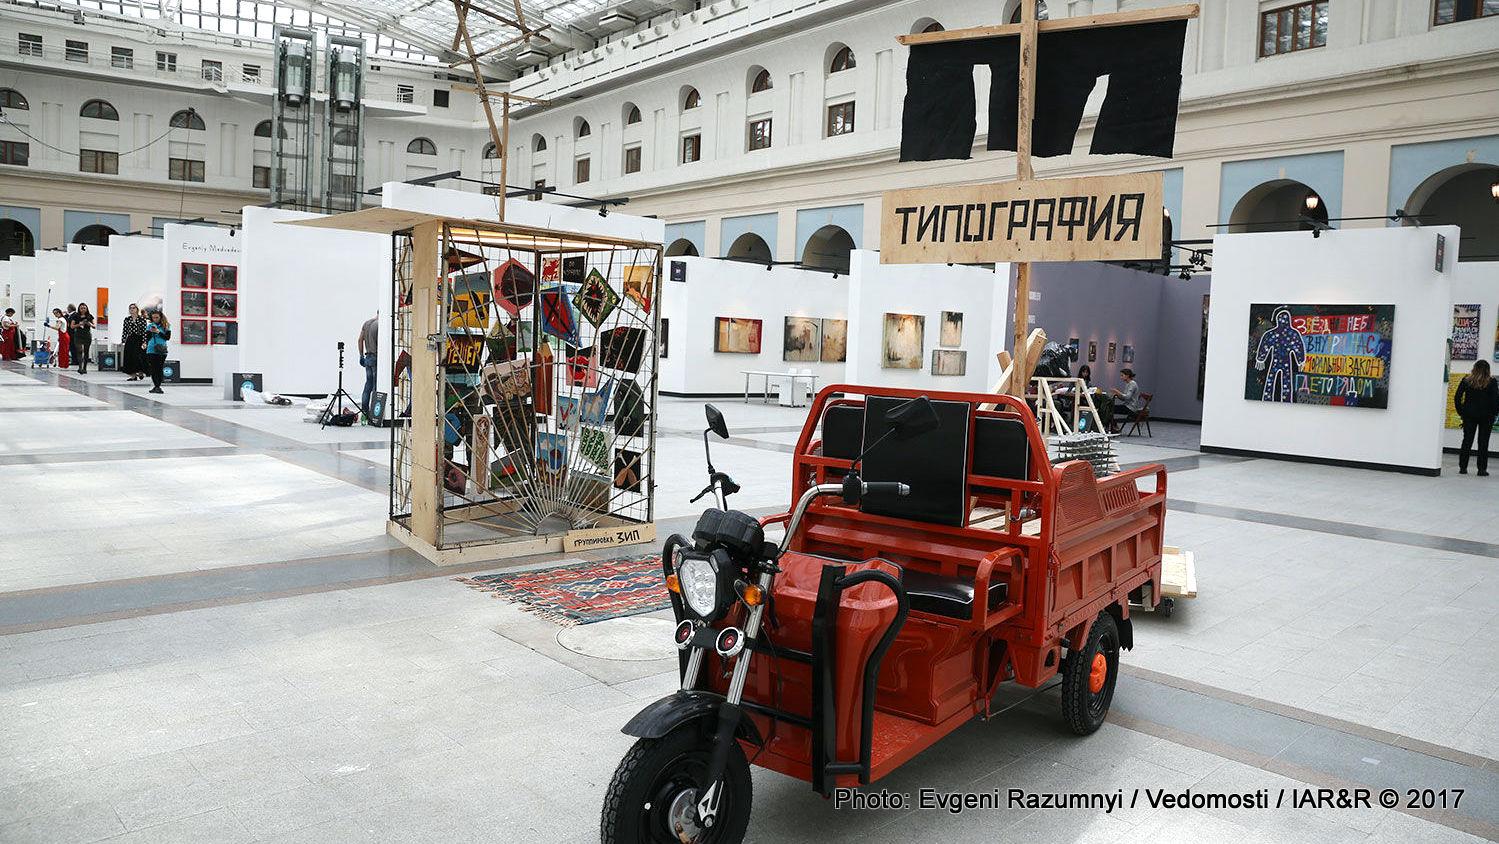 Тази година участват 54 галерии, гордо съобщават организаторите на артпанаира